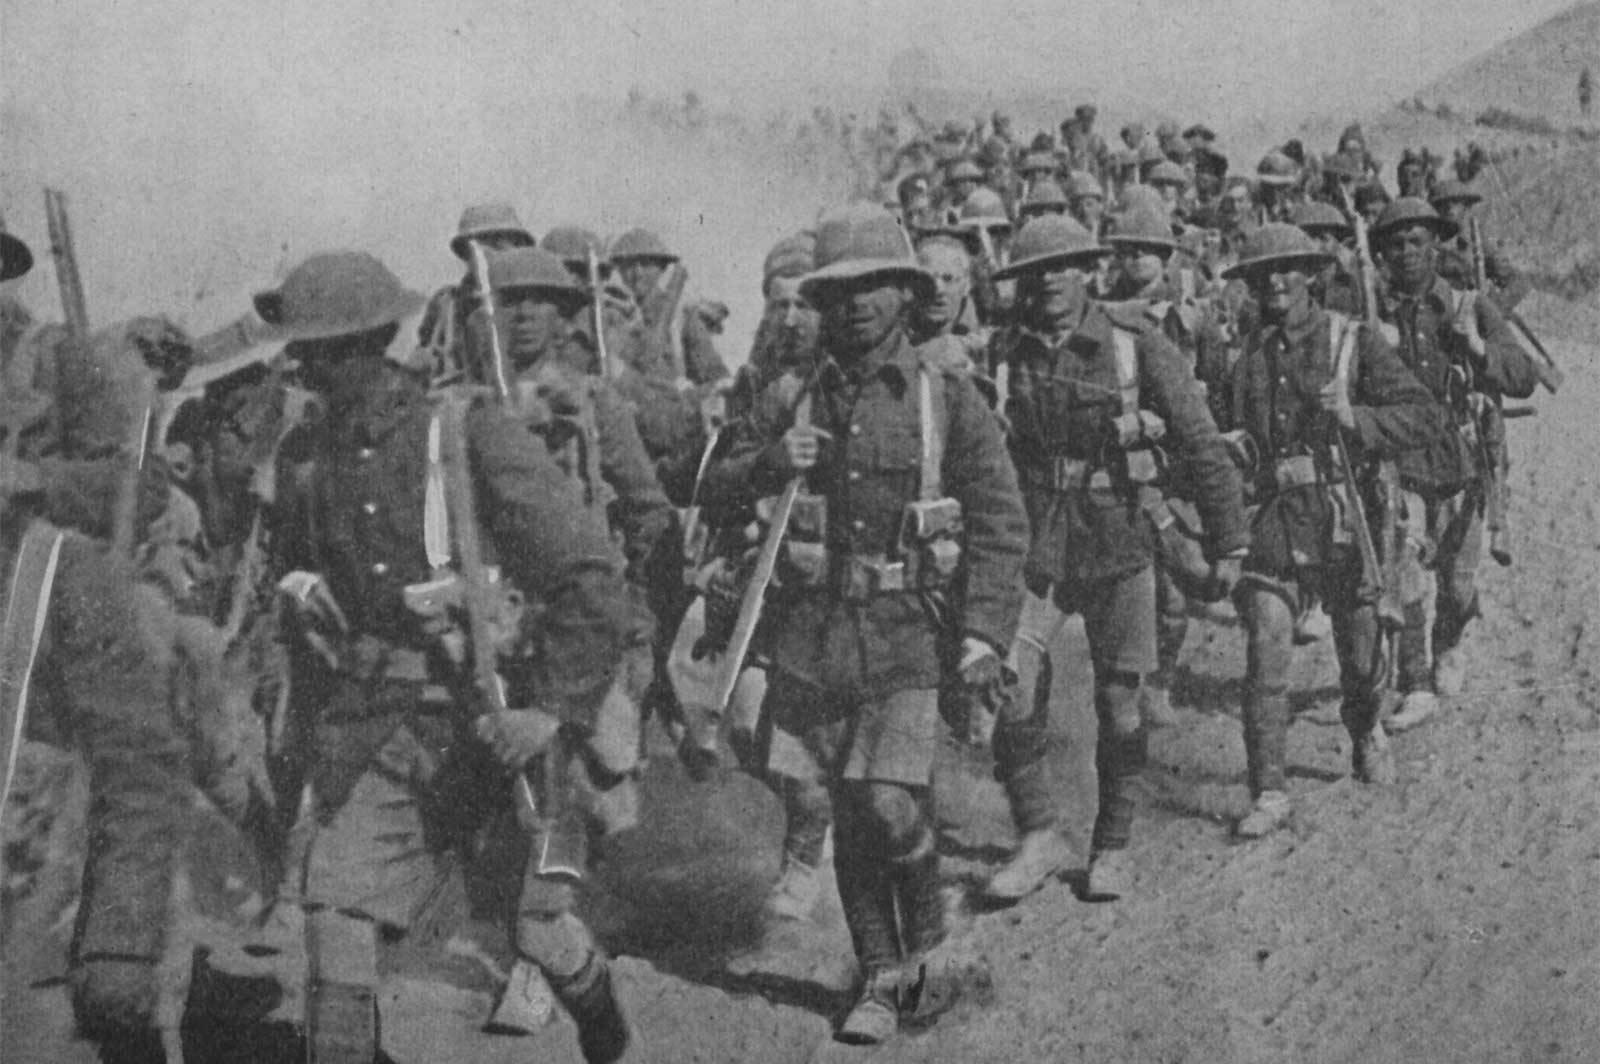 Новый трейлер к Battlefield 1: танки, лошади и бронепоезда в песках Месопотамии